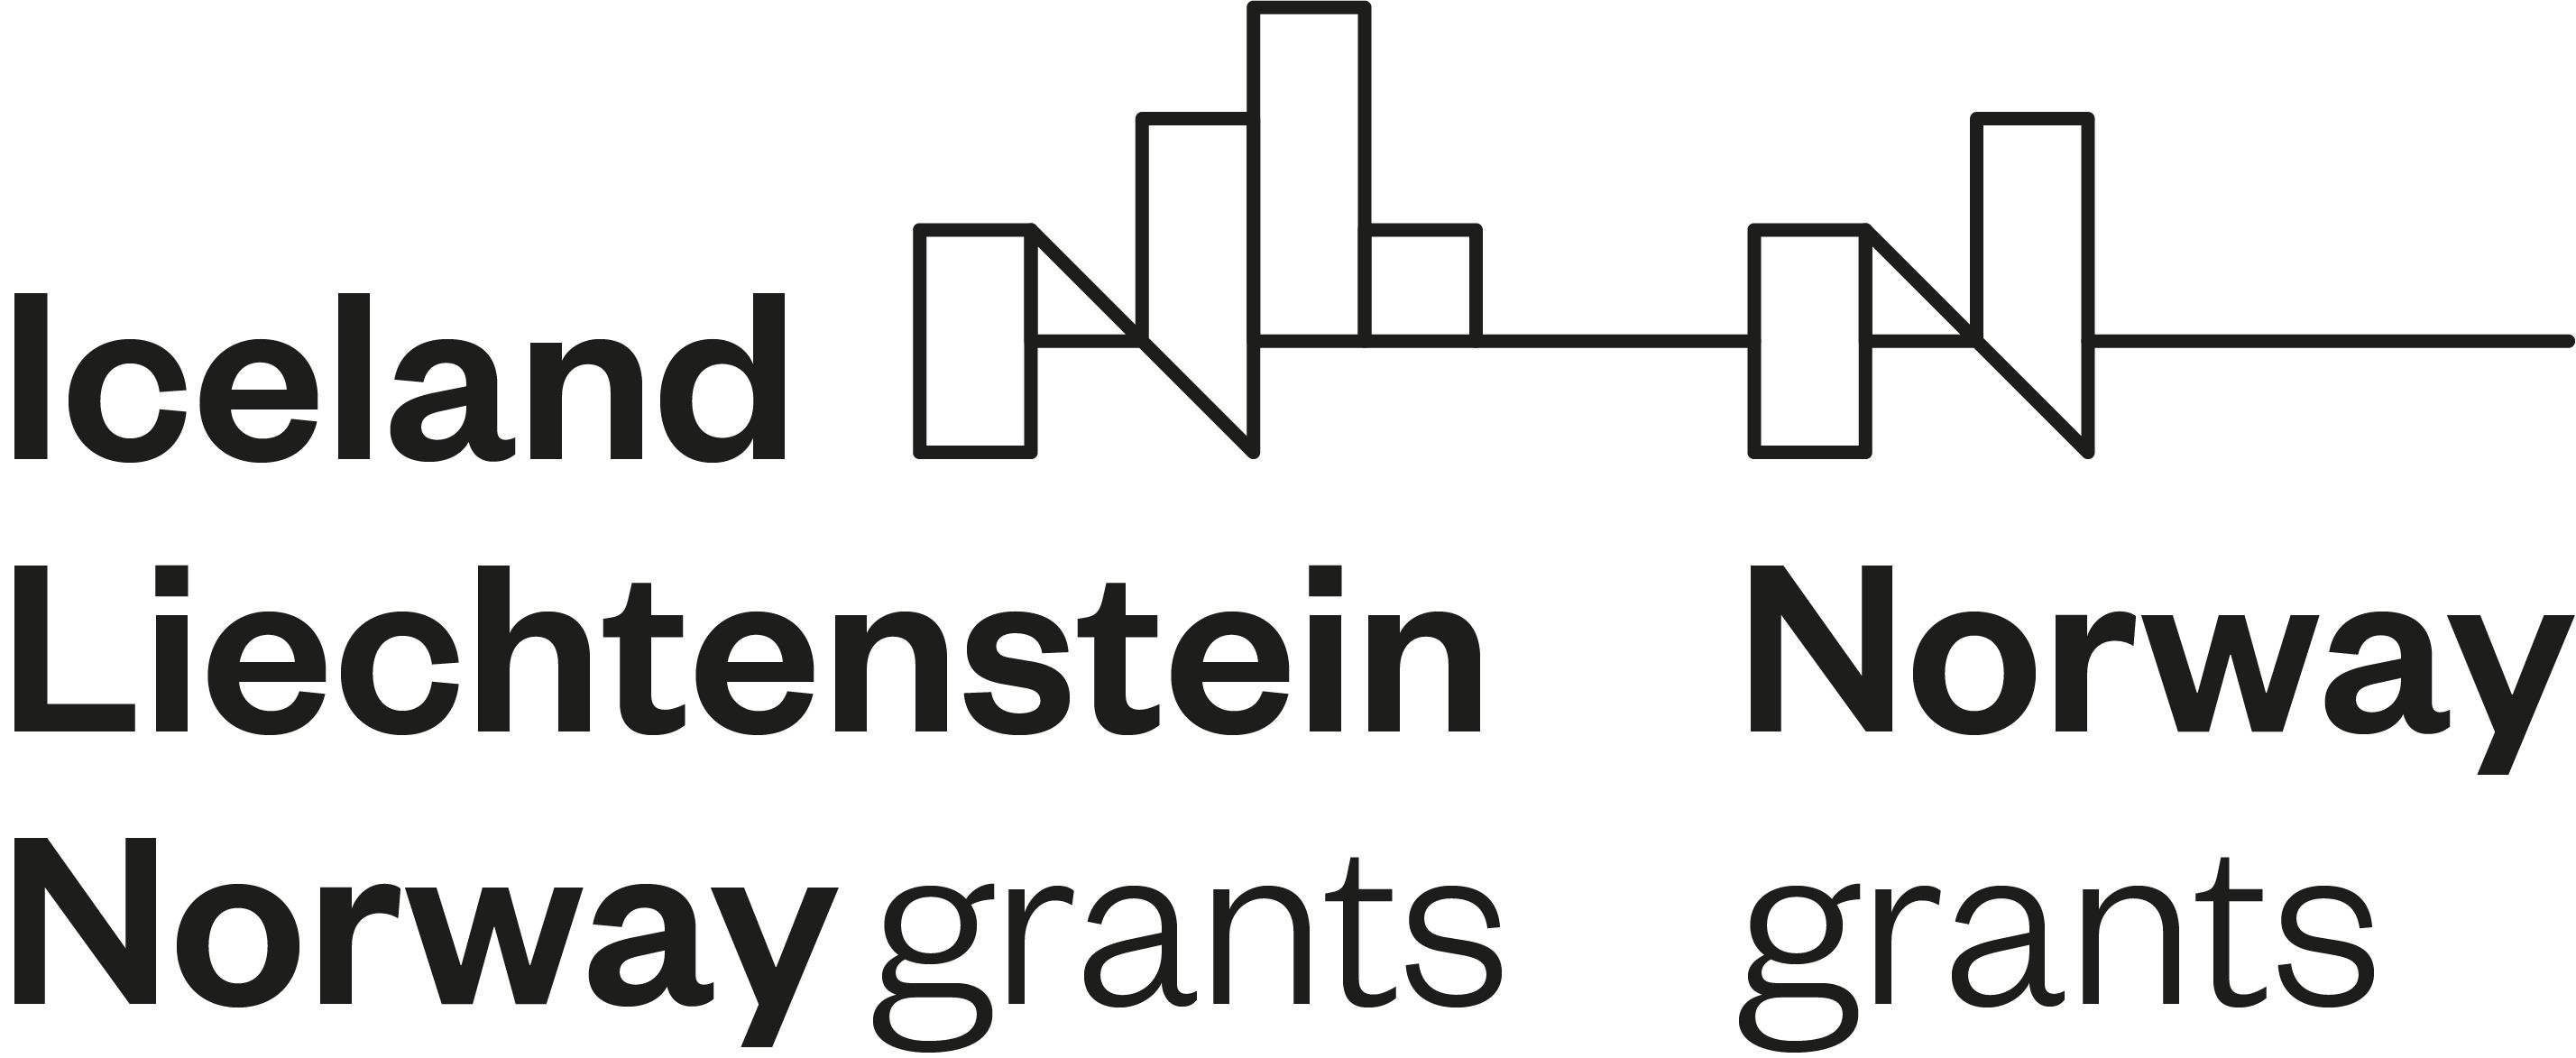 https://m.wmwm.pl/2021/02/orig/eea-and-norway-grants-4x-6873.jpg